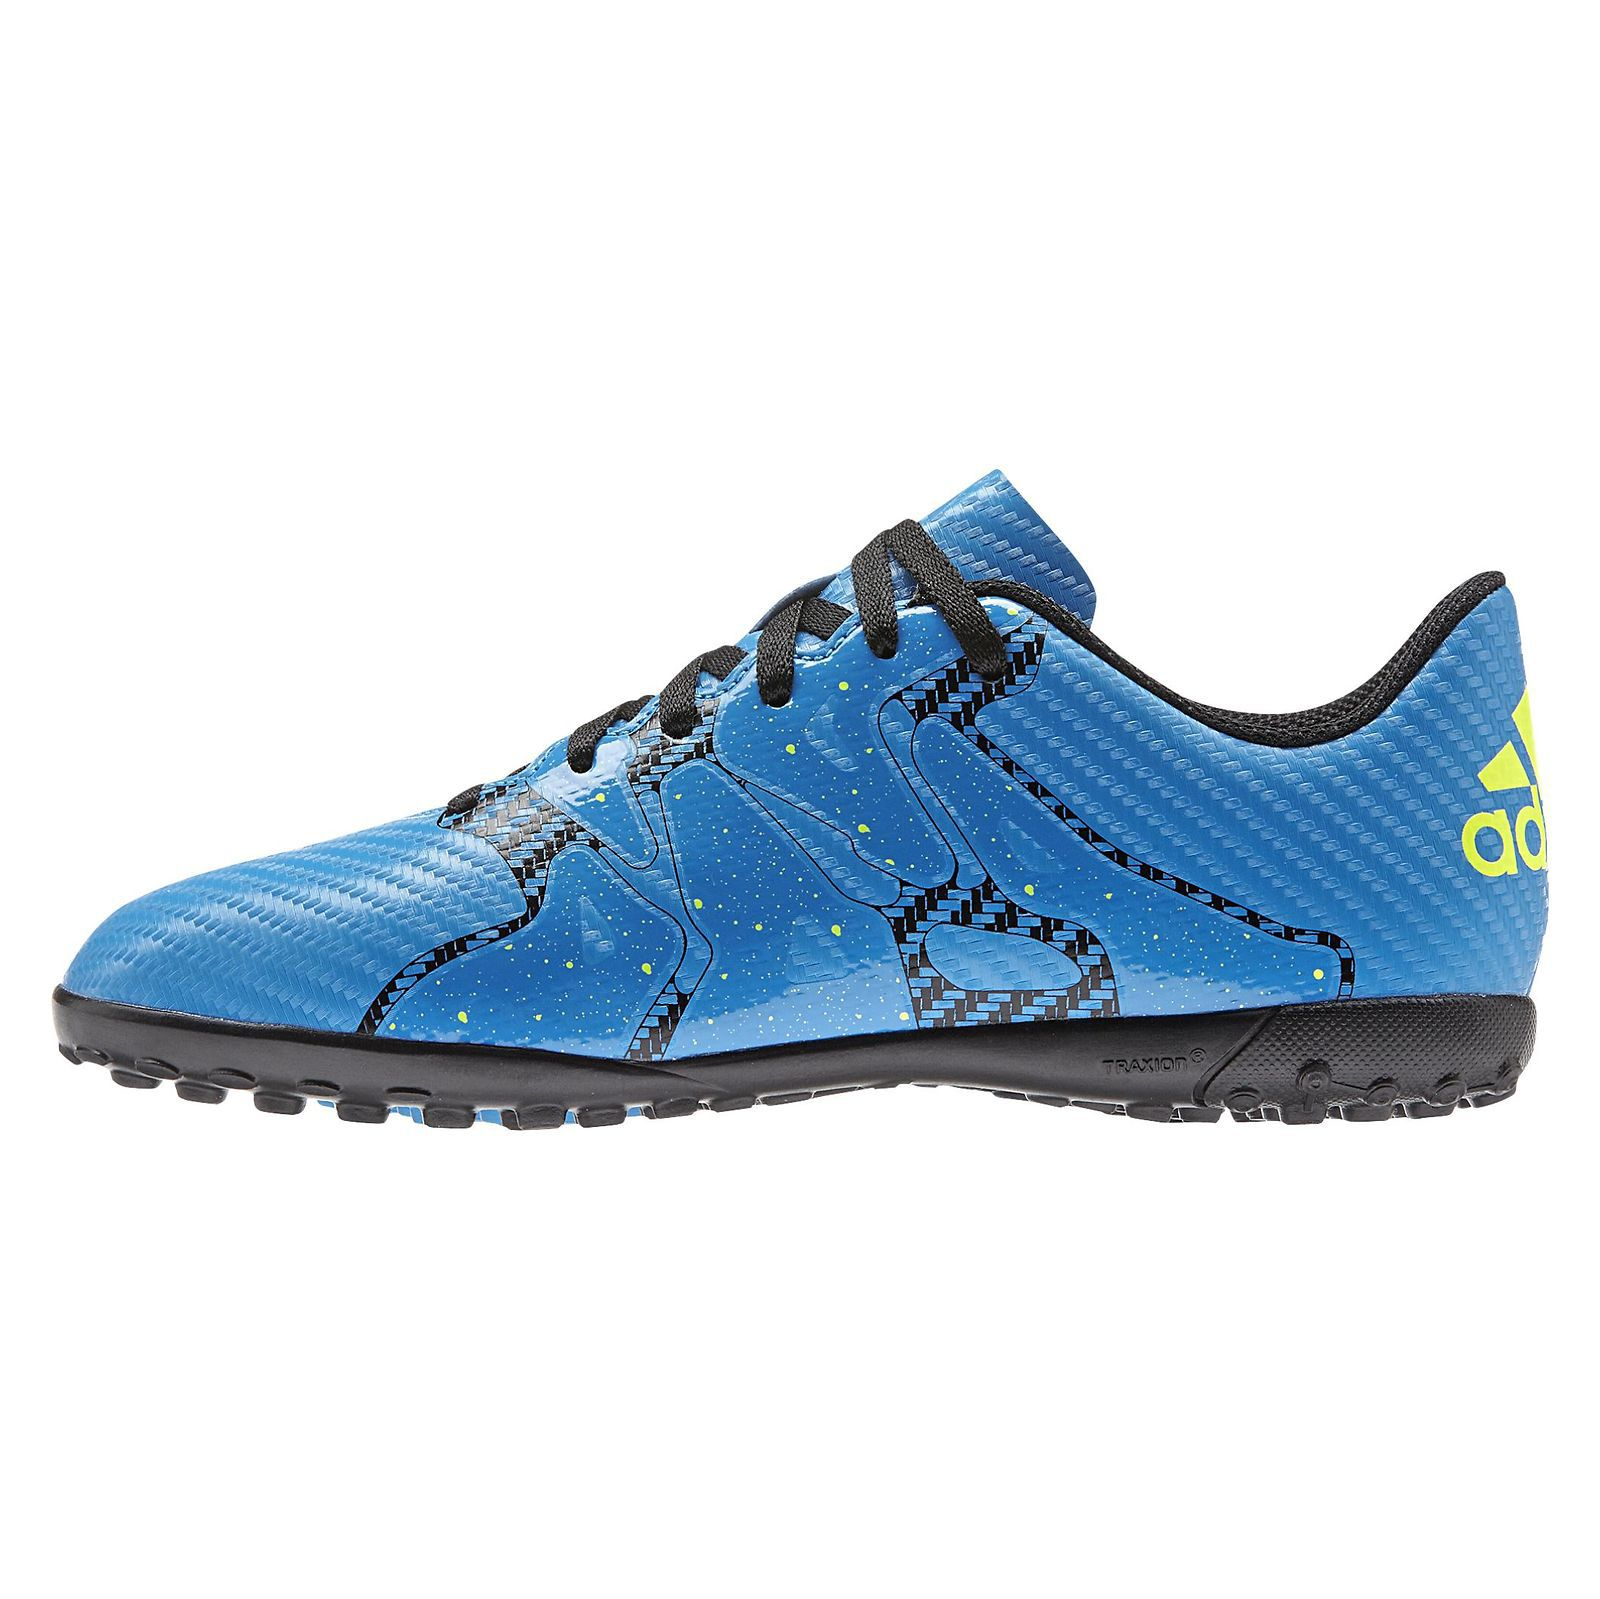 נעלי קטרגל אדידס ילדים ADIDAS X 15.4 TF J